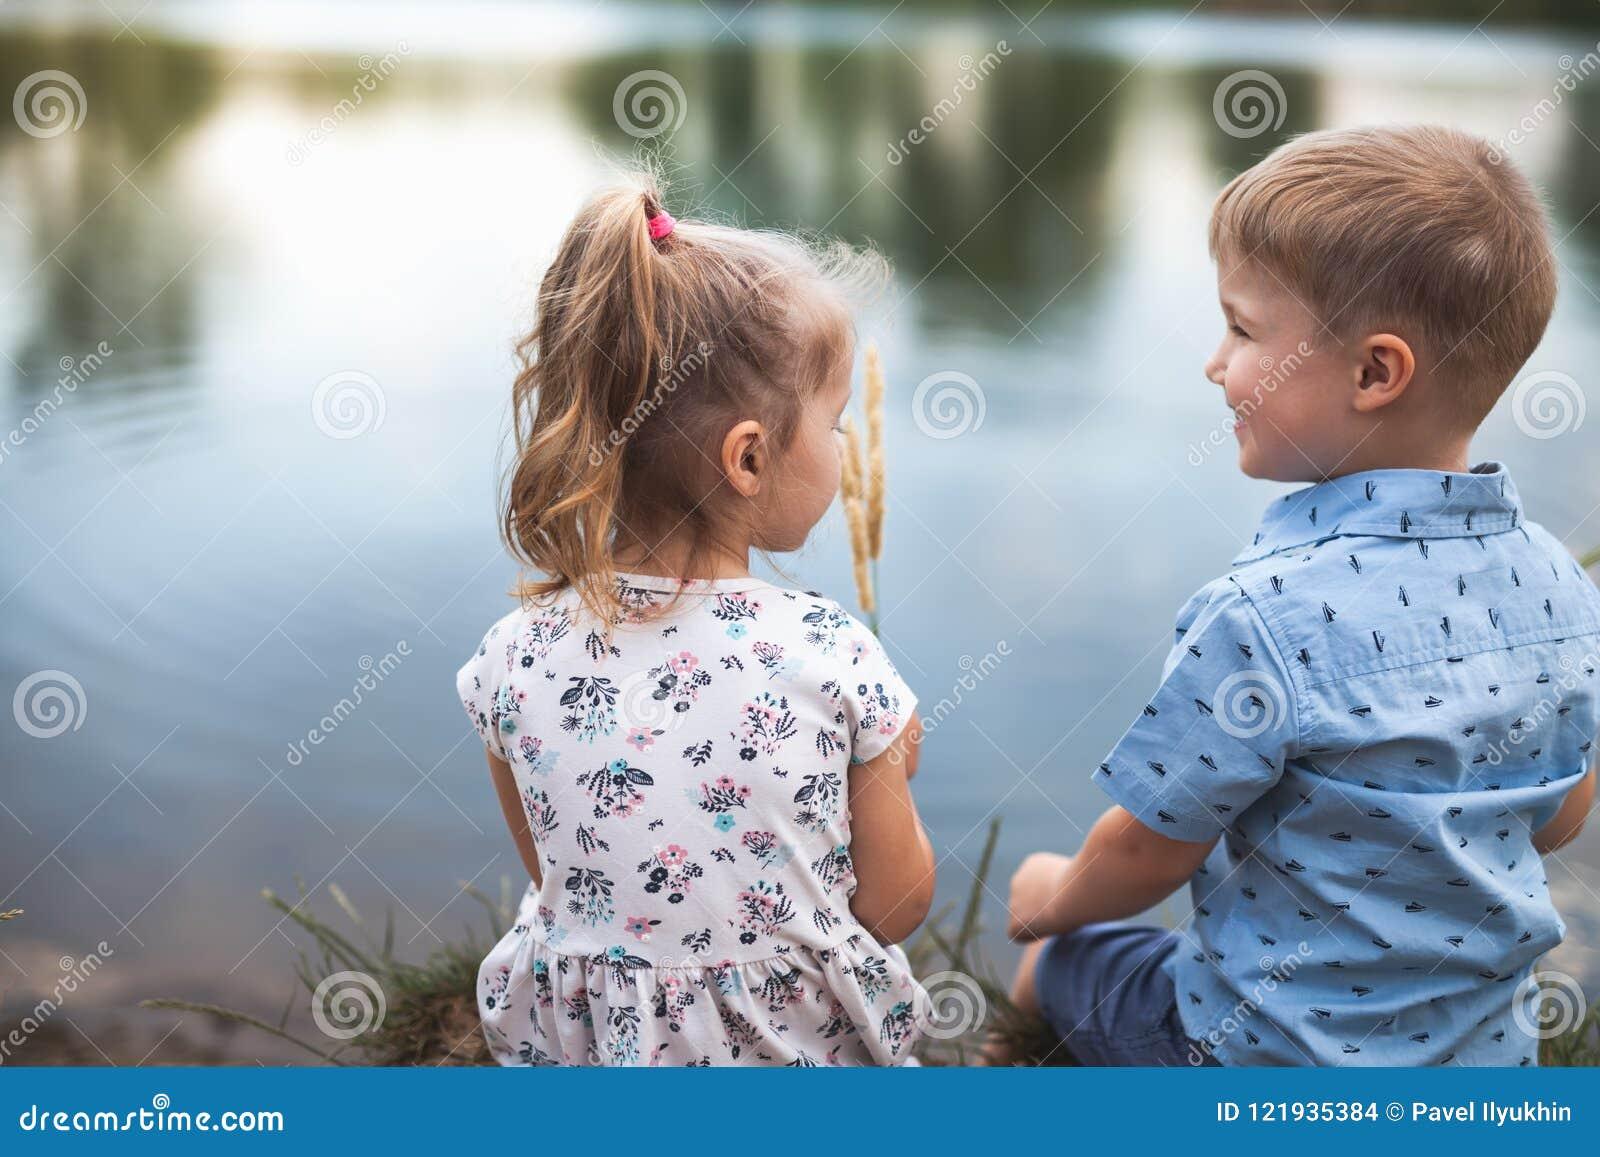 Ny era med lyckliga ungar och folk Lyckligt samhälle gemenskap